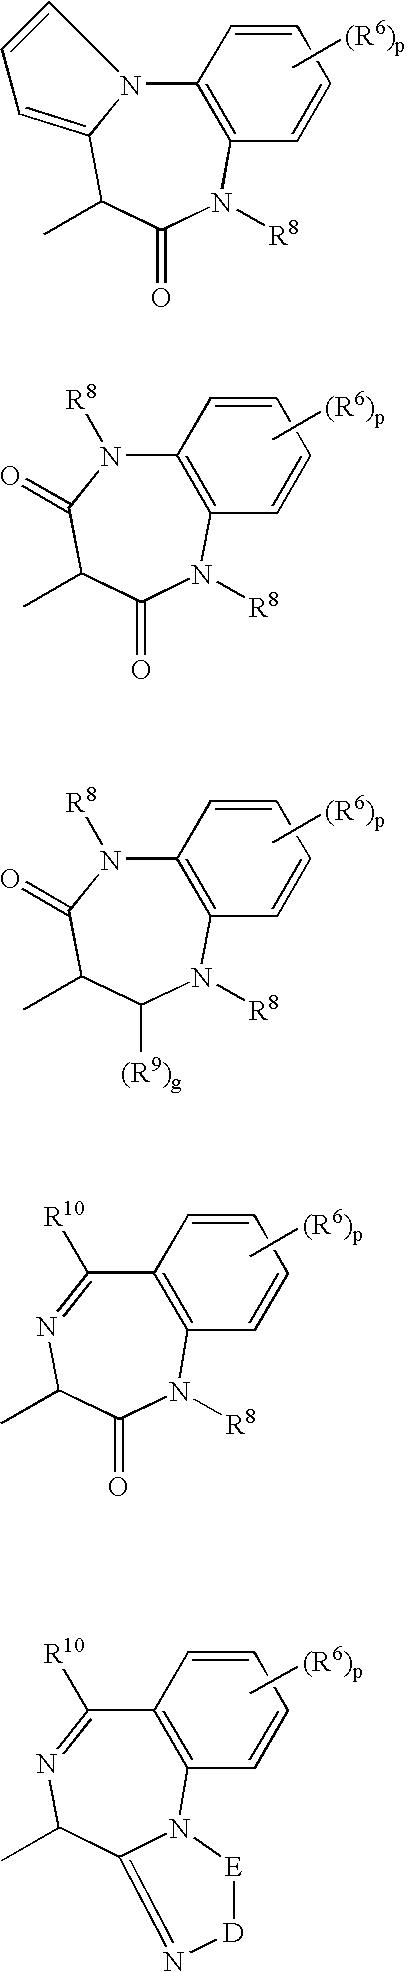 Figure US06696438-20040224-C00057